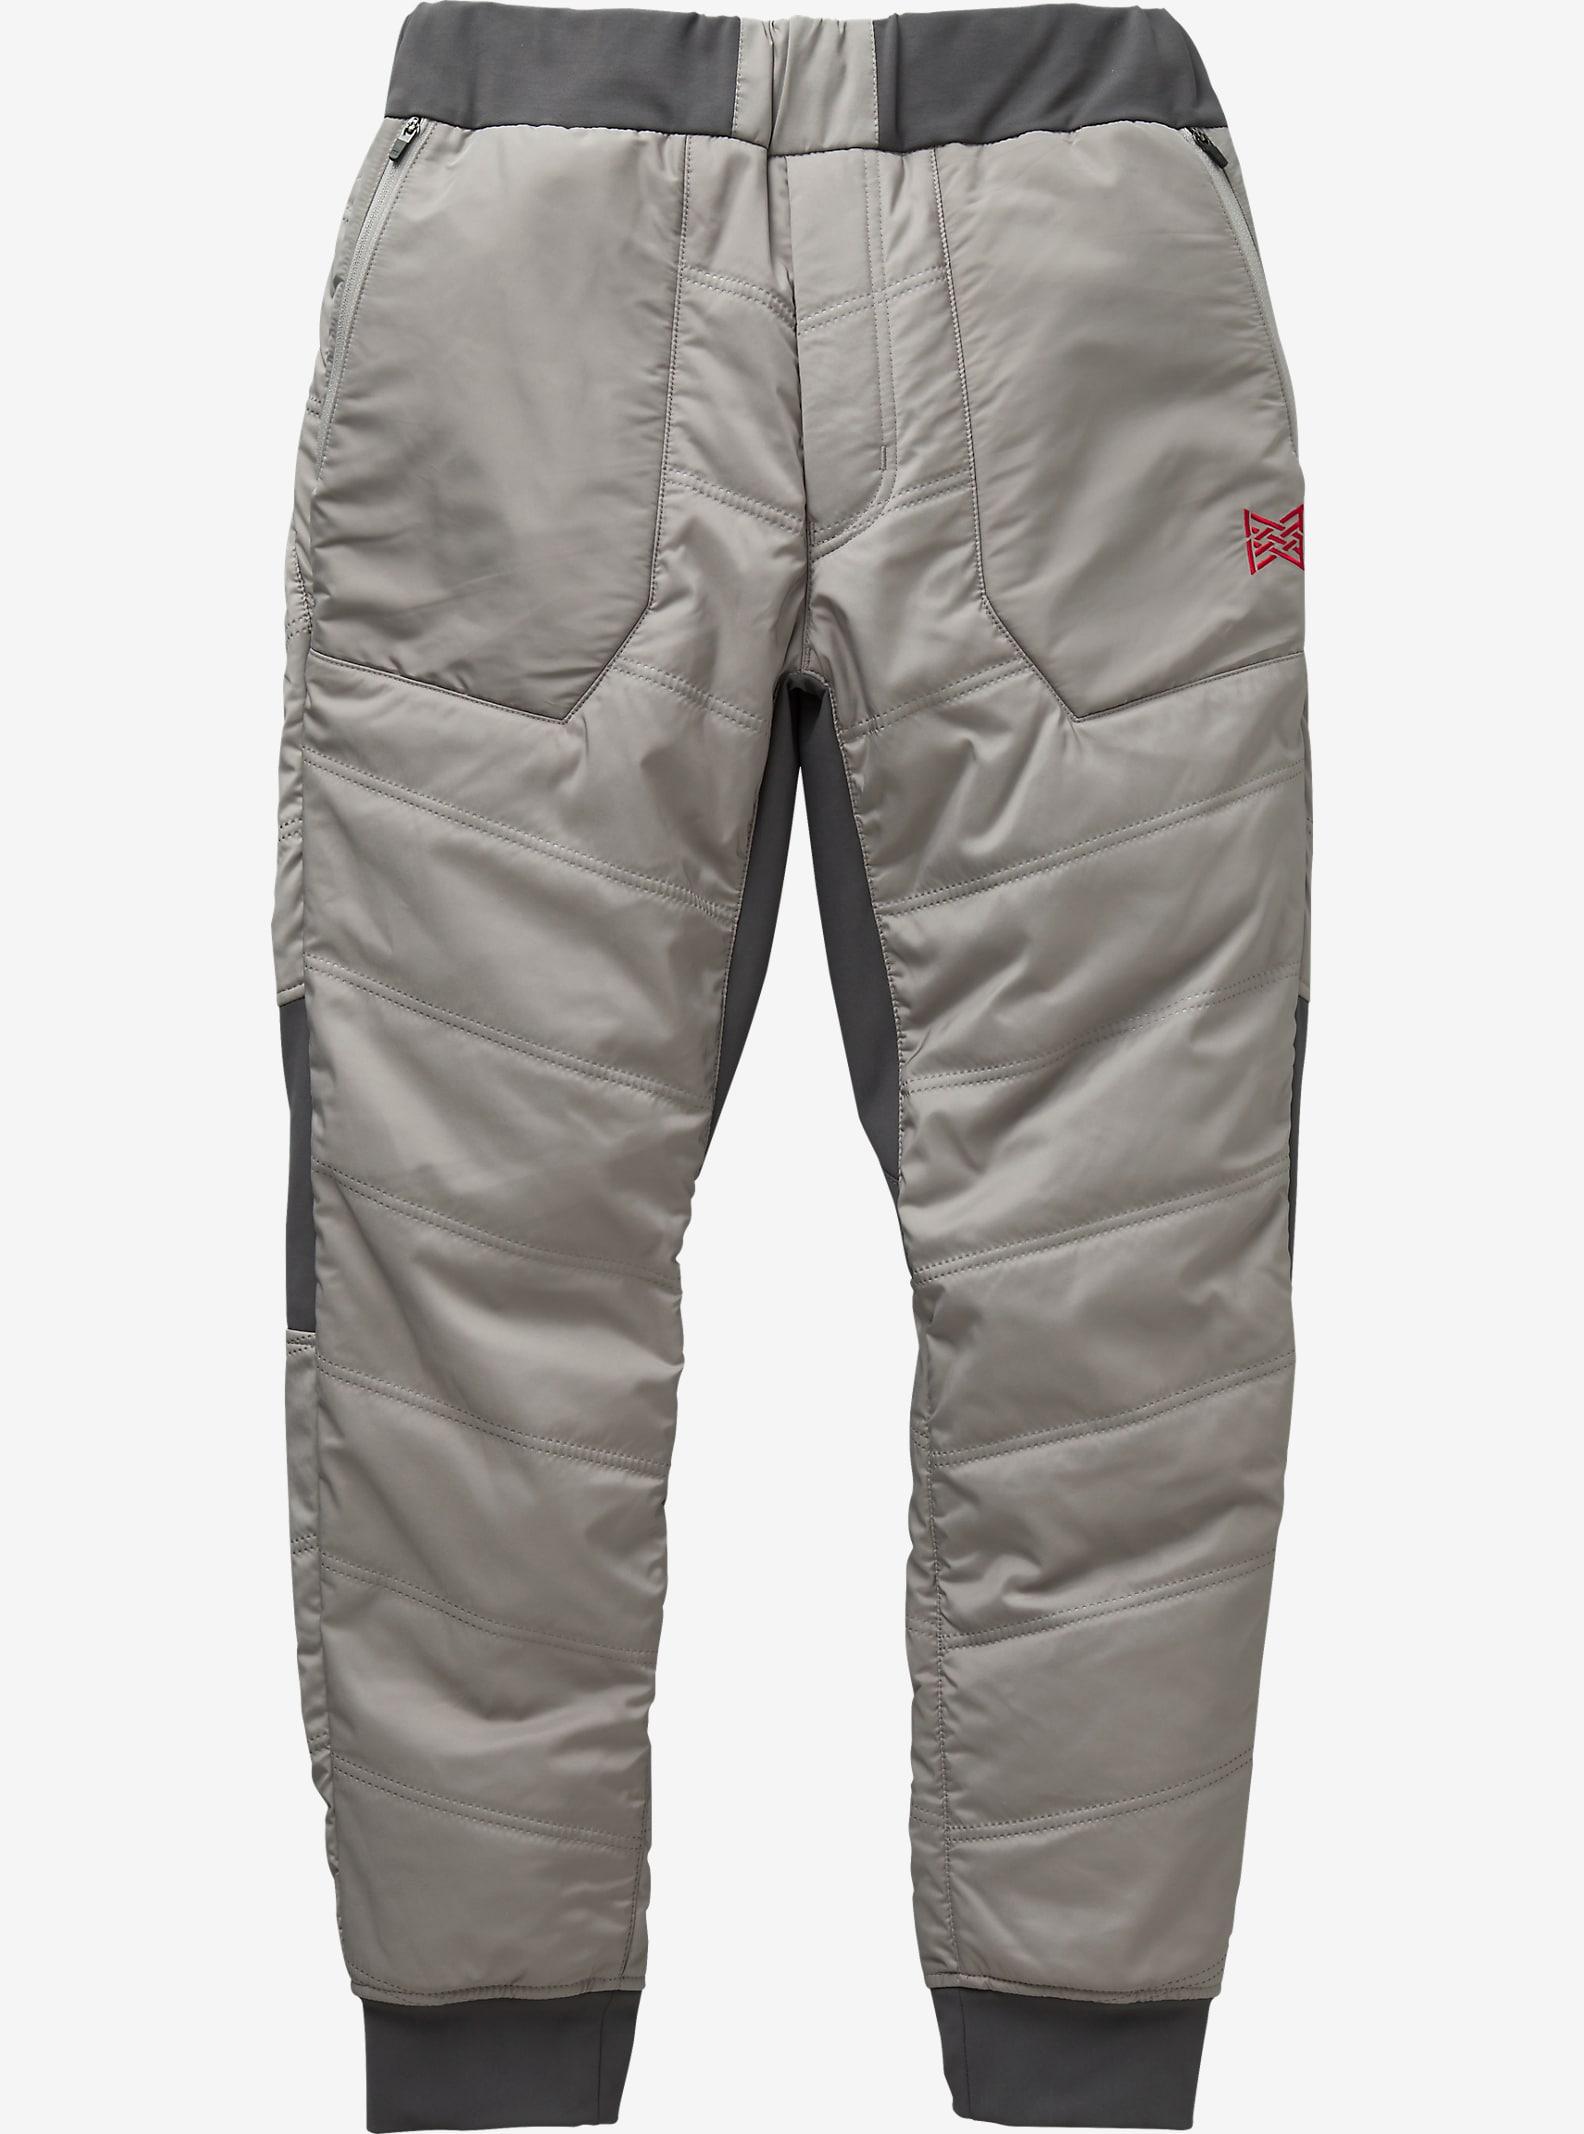 Burton THIRTEEN Klagetoh Pant shown in Gray